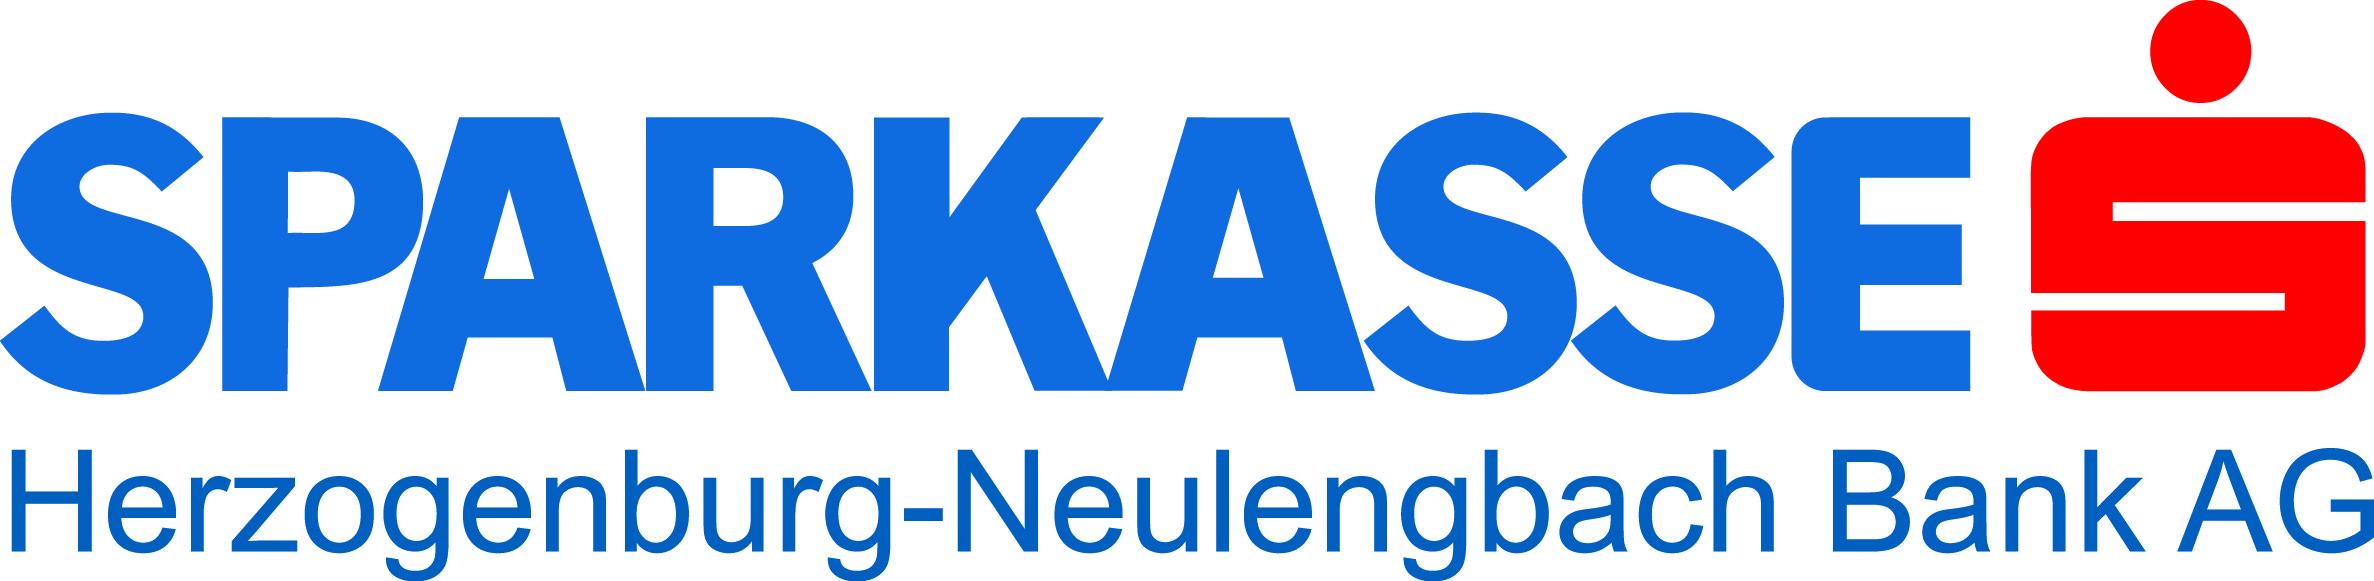 Schriftzug Sparkasse Herzogenburg-Neulengbach mit Logo